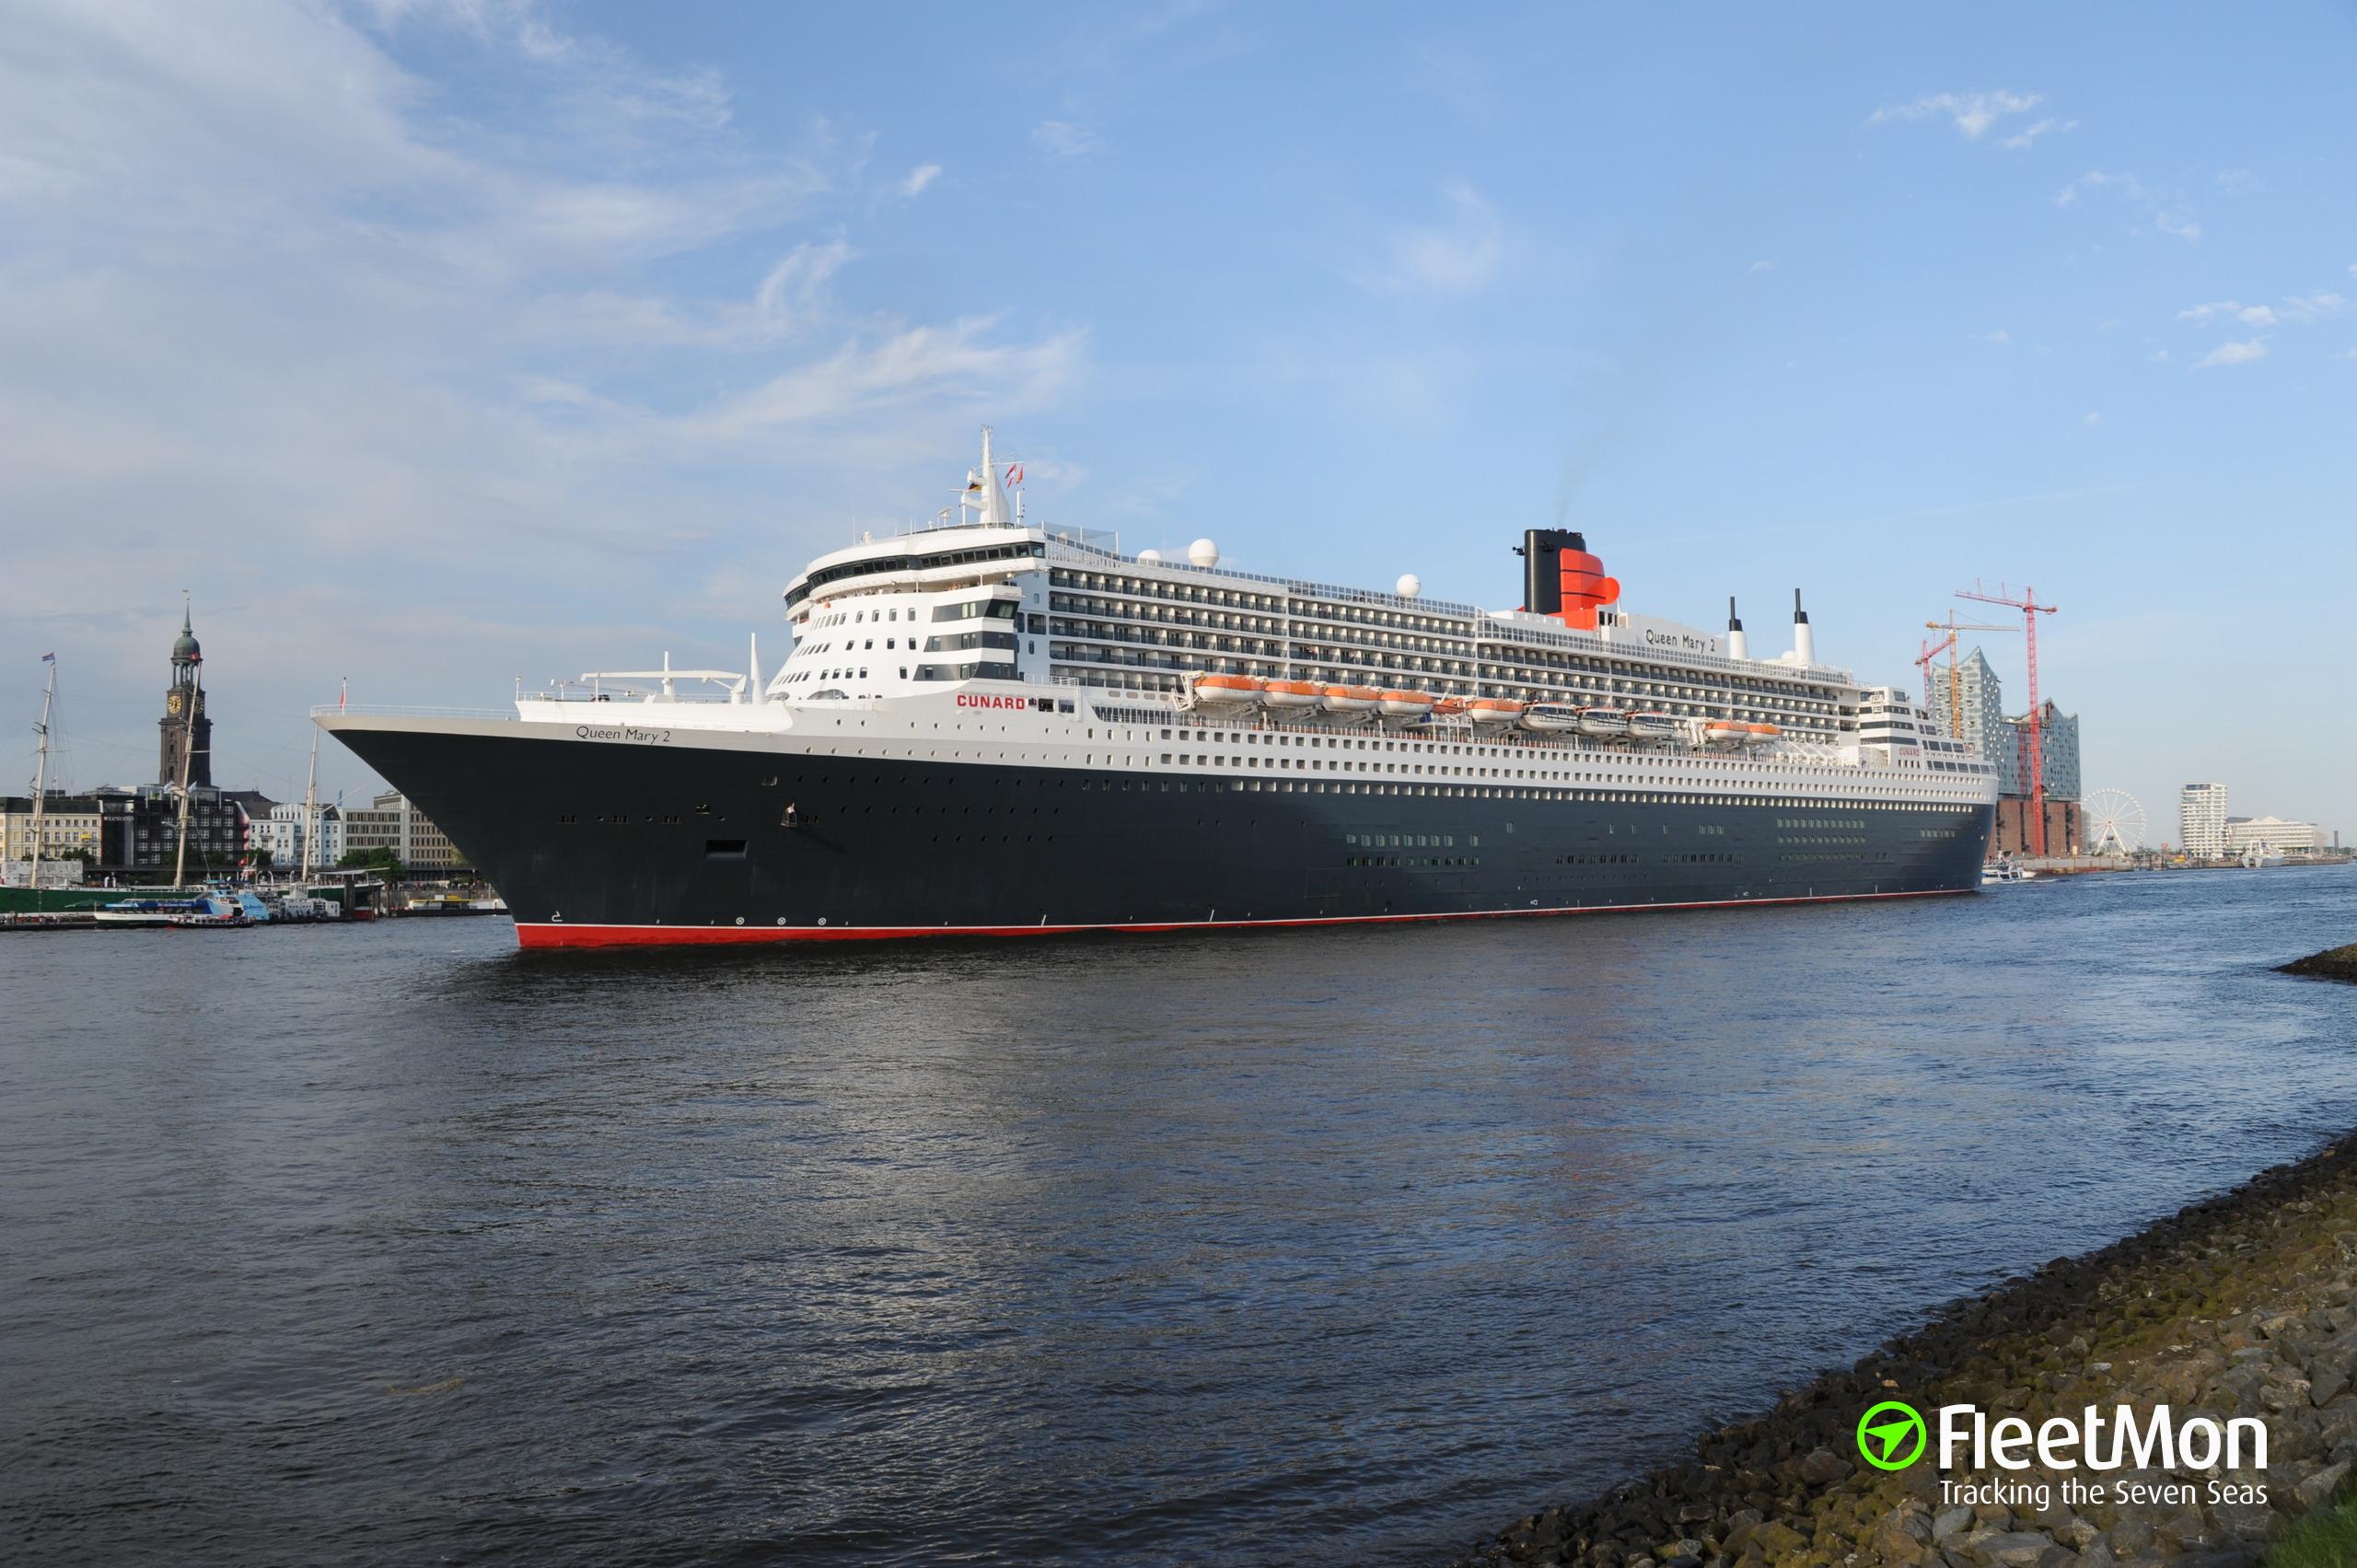 Queen mary 2 new photos